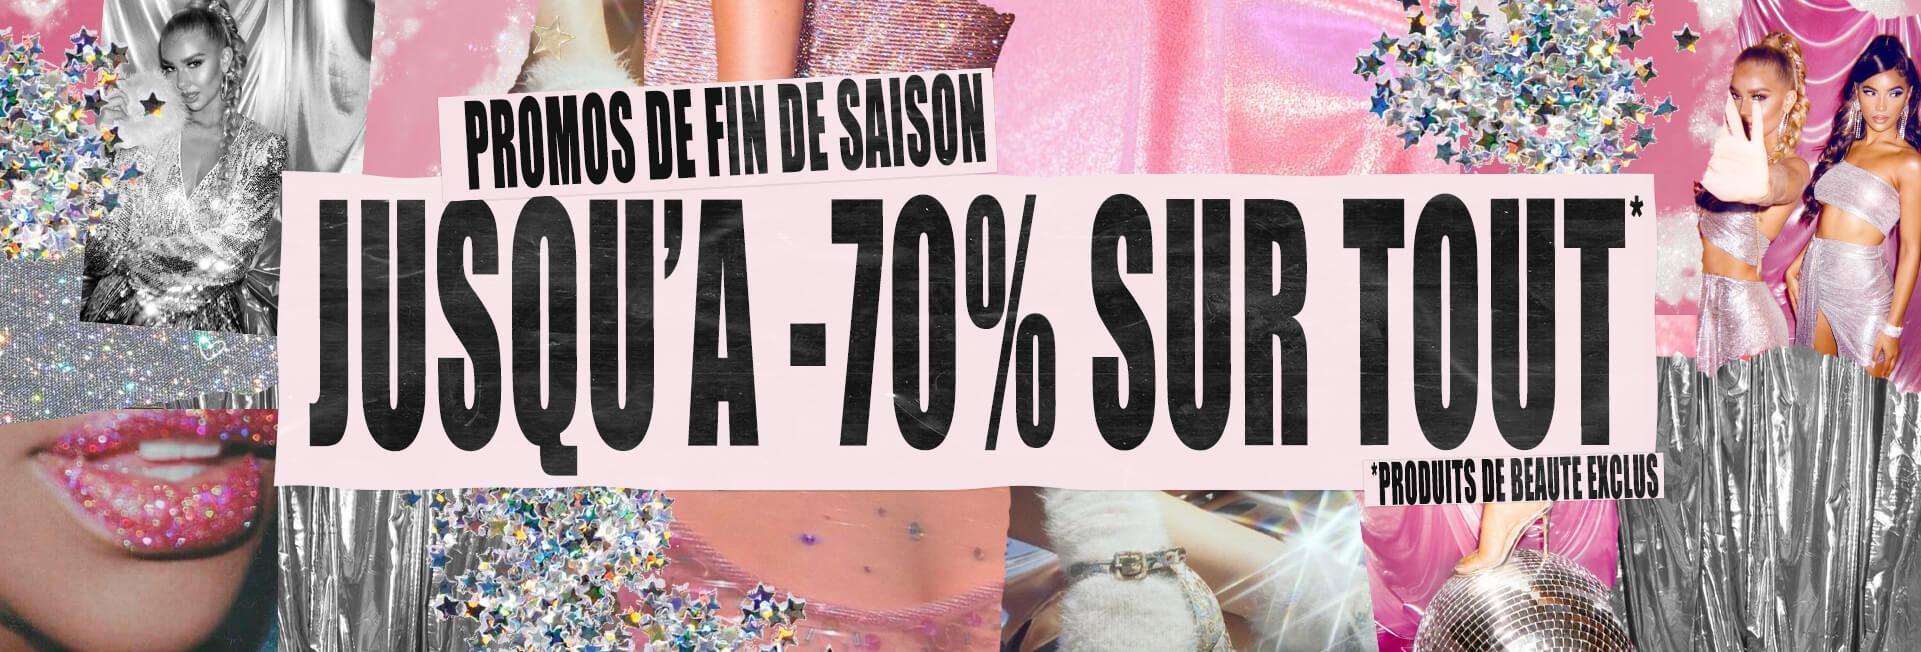 Jusqu'à 70% de réduction sur tout le site (prettylittlething.fr)